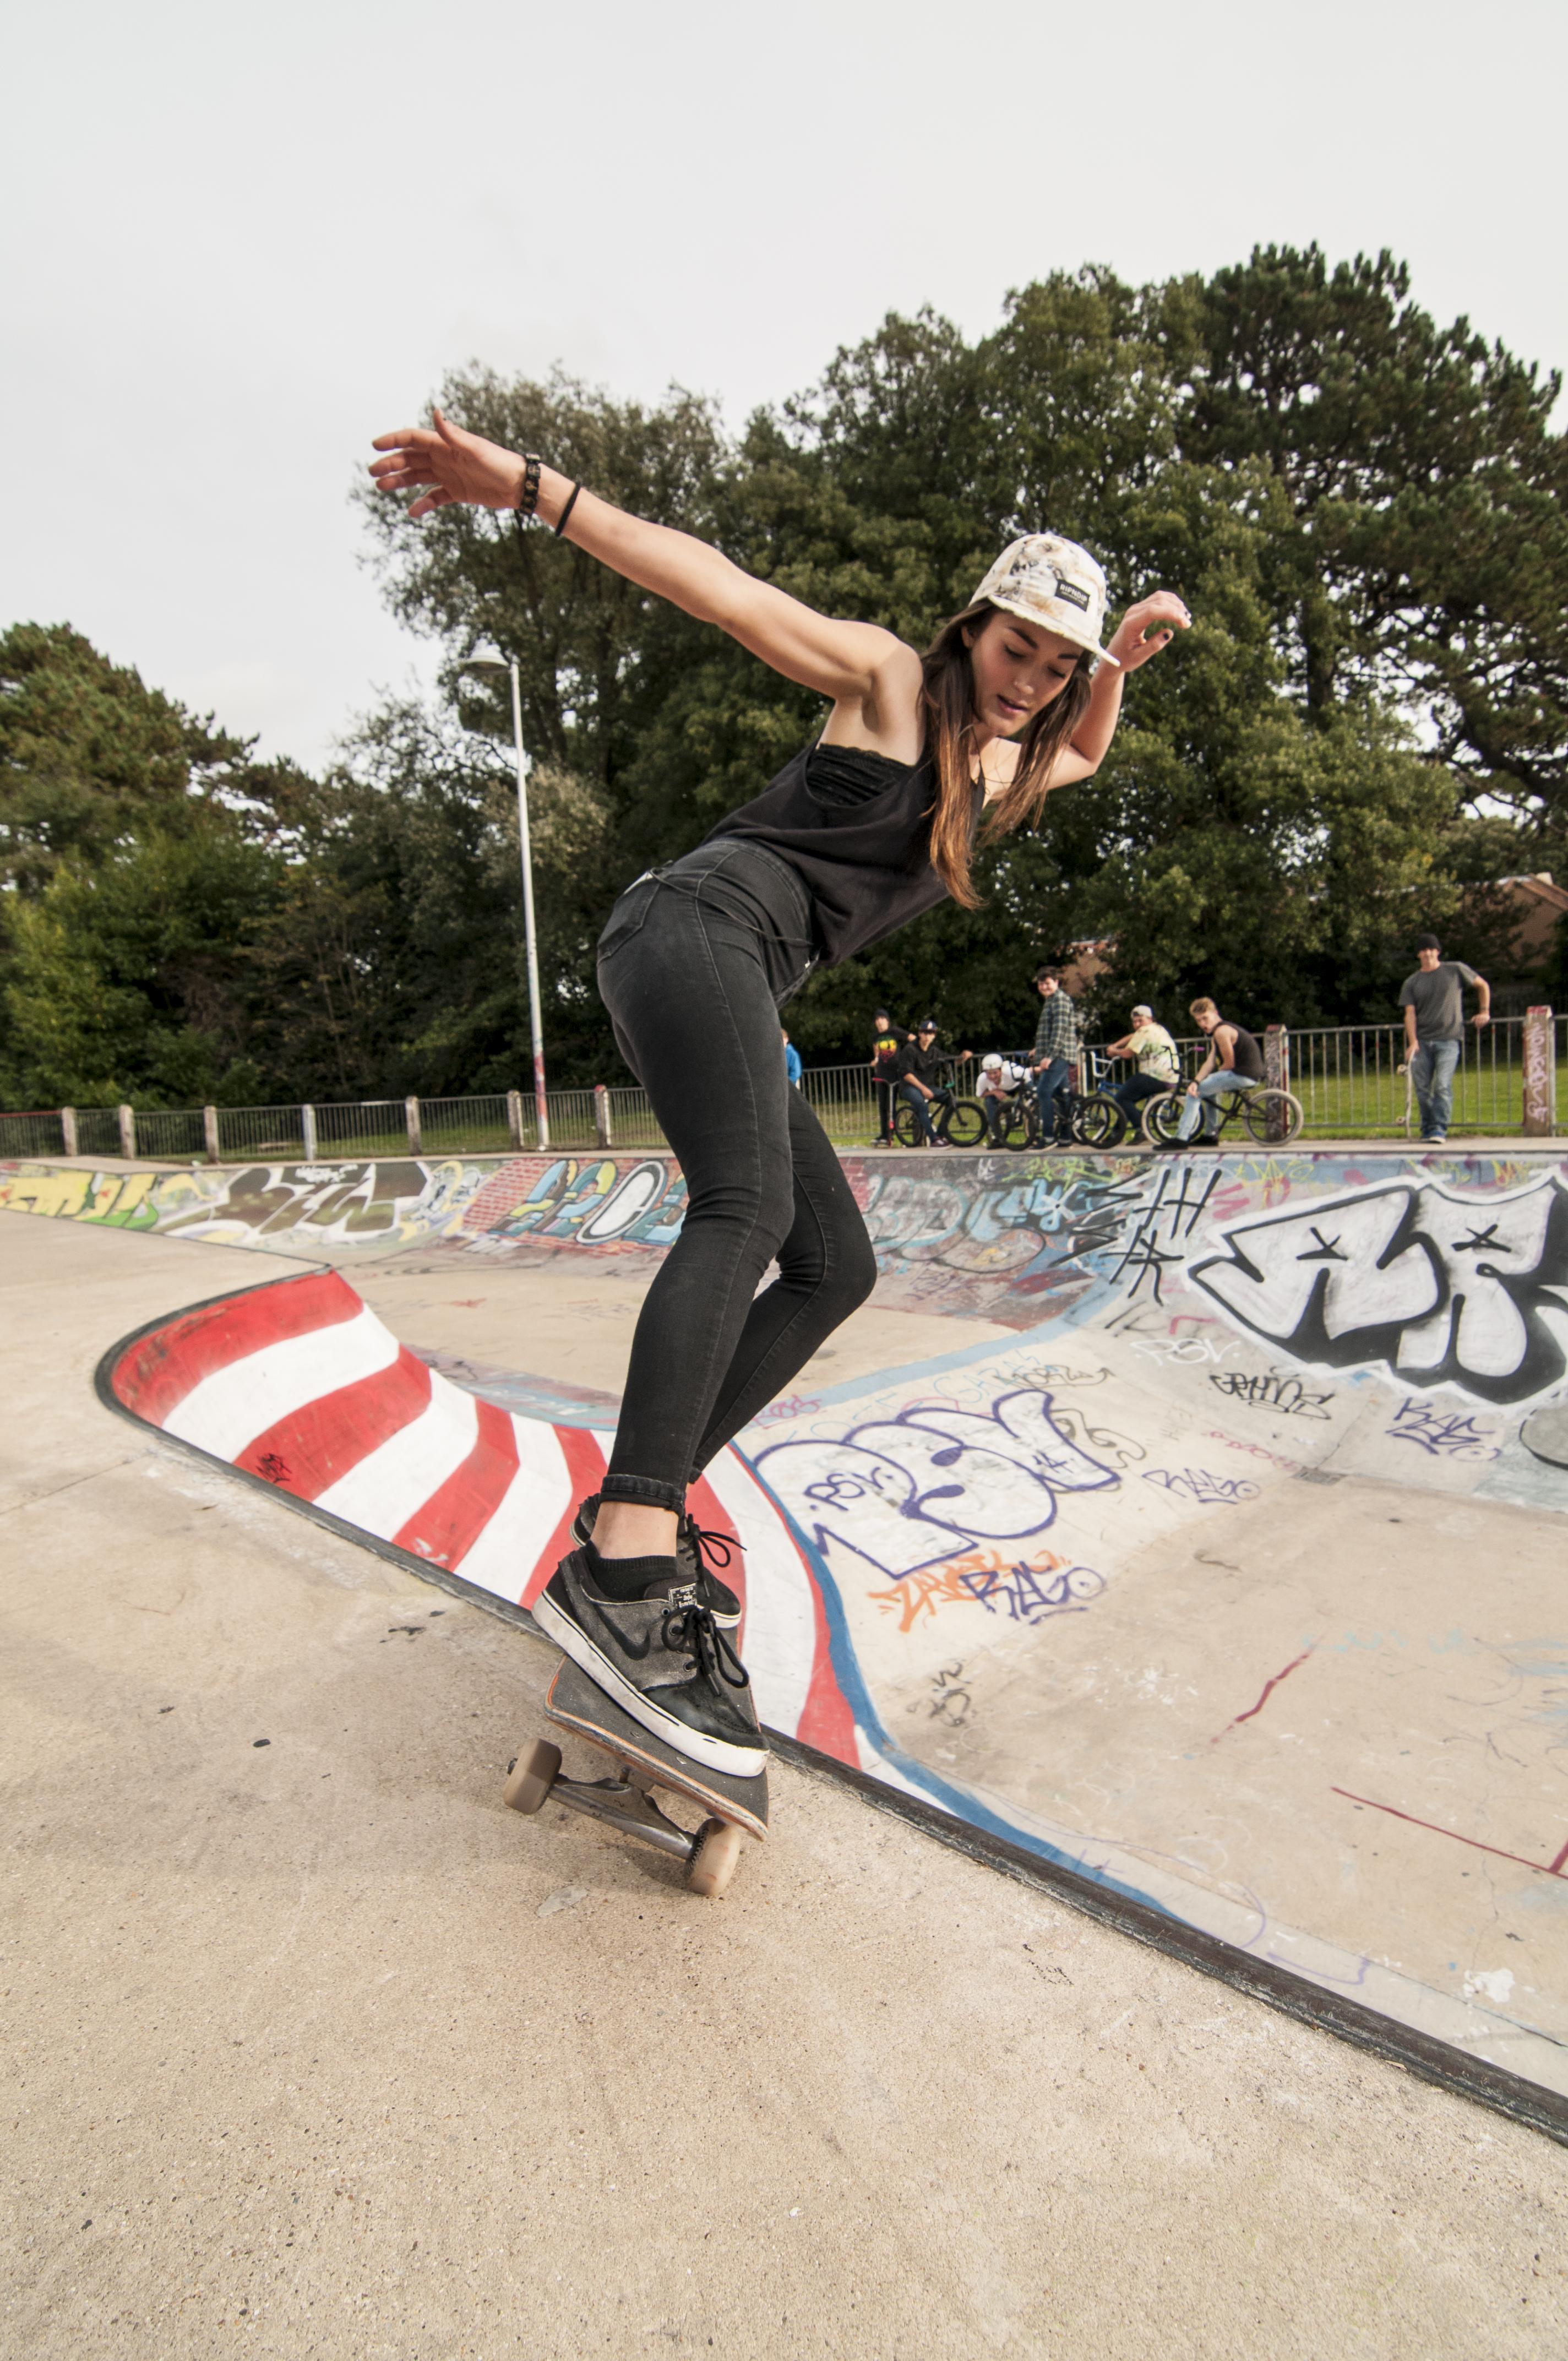 Skater Bio : Rianne Evans | GIRL SKATE UK